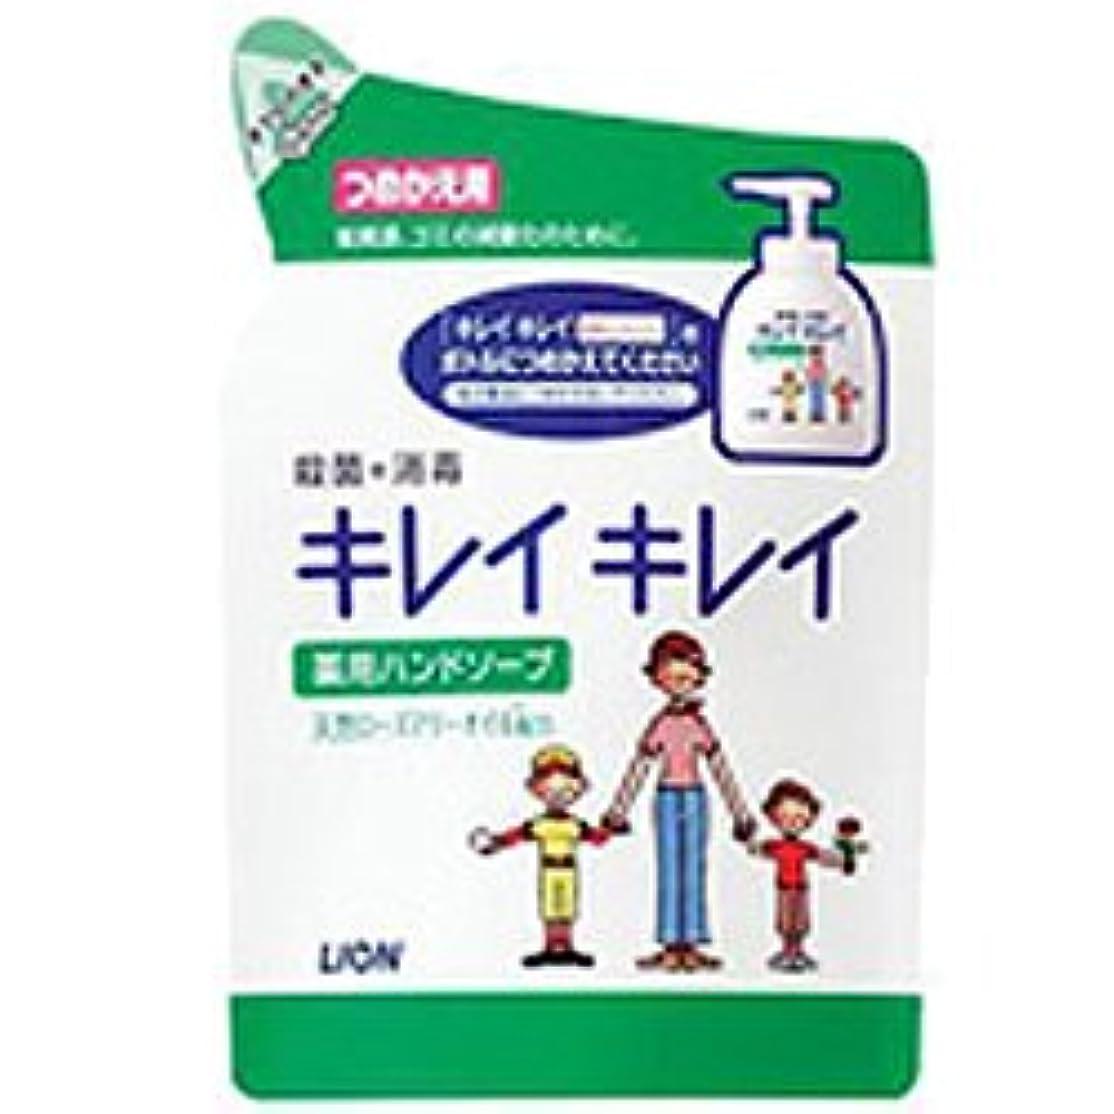 放つ表面的な洗剤【ライオン】キレイキレイ 薬用ハンドソープ 詰替用 200ml ×12個セット